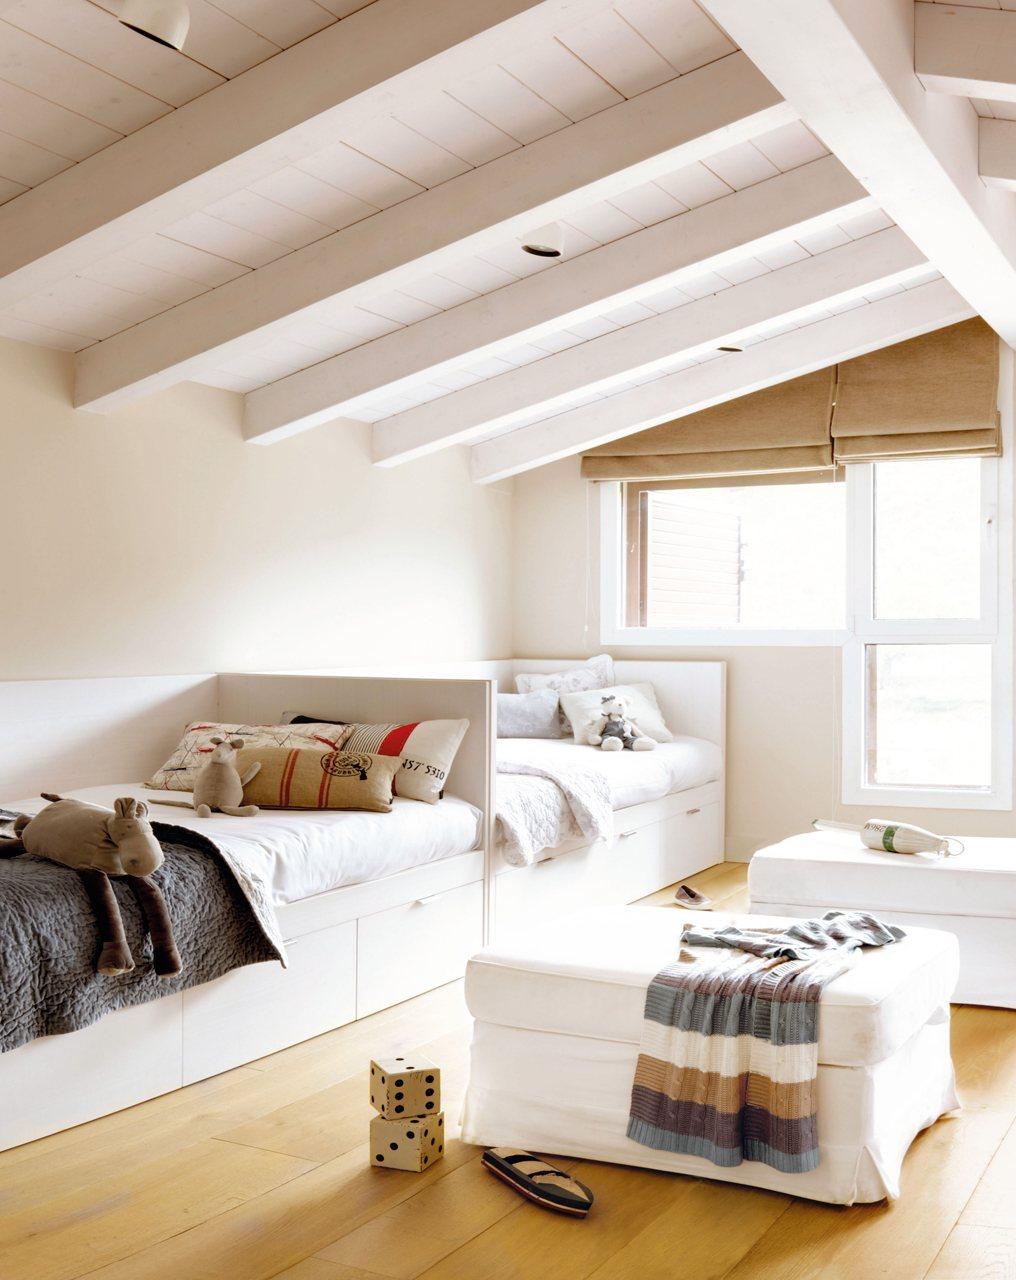 Como ampliar un espacio sin reformas casa y mantel - Muebles para buhardillas ...